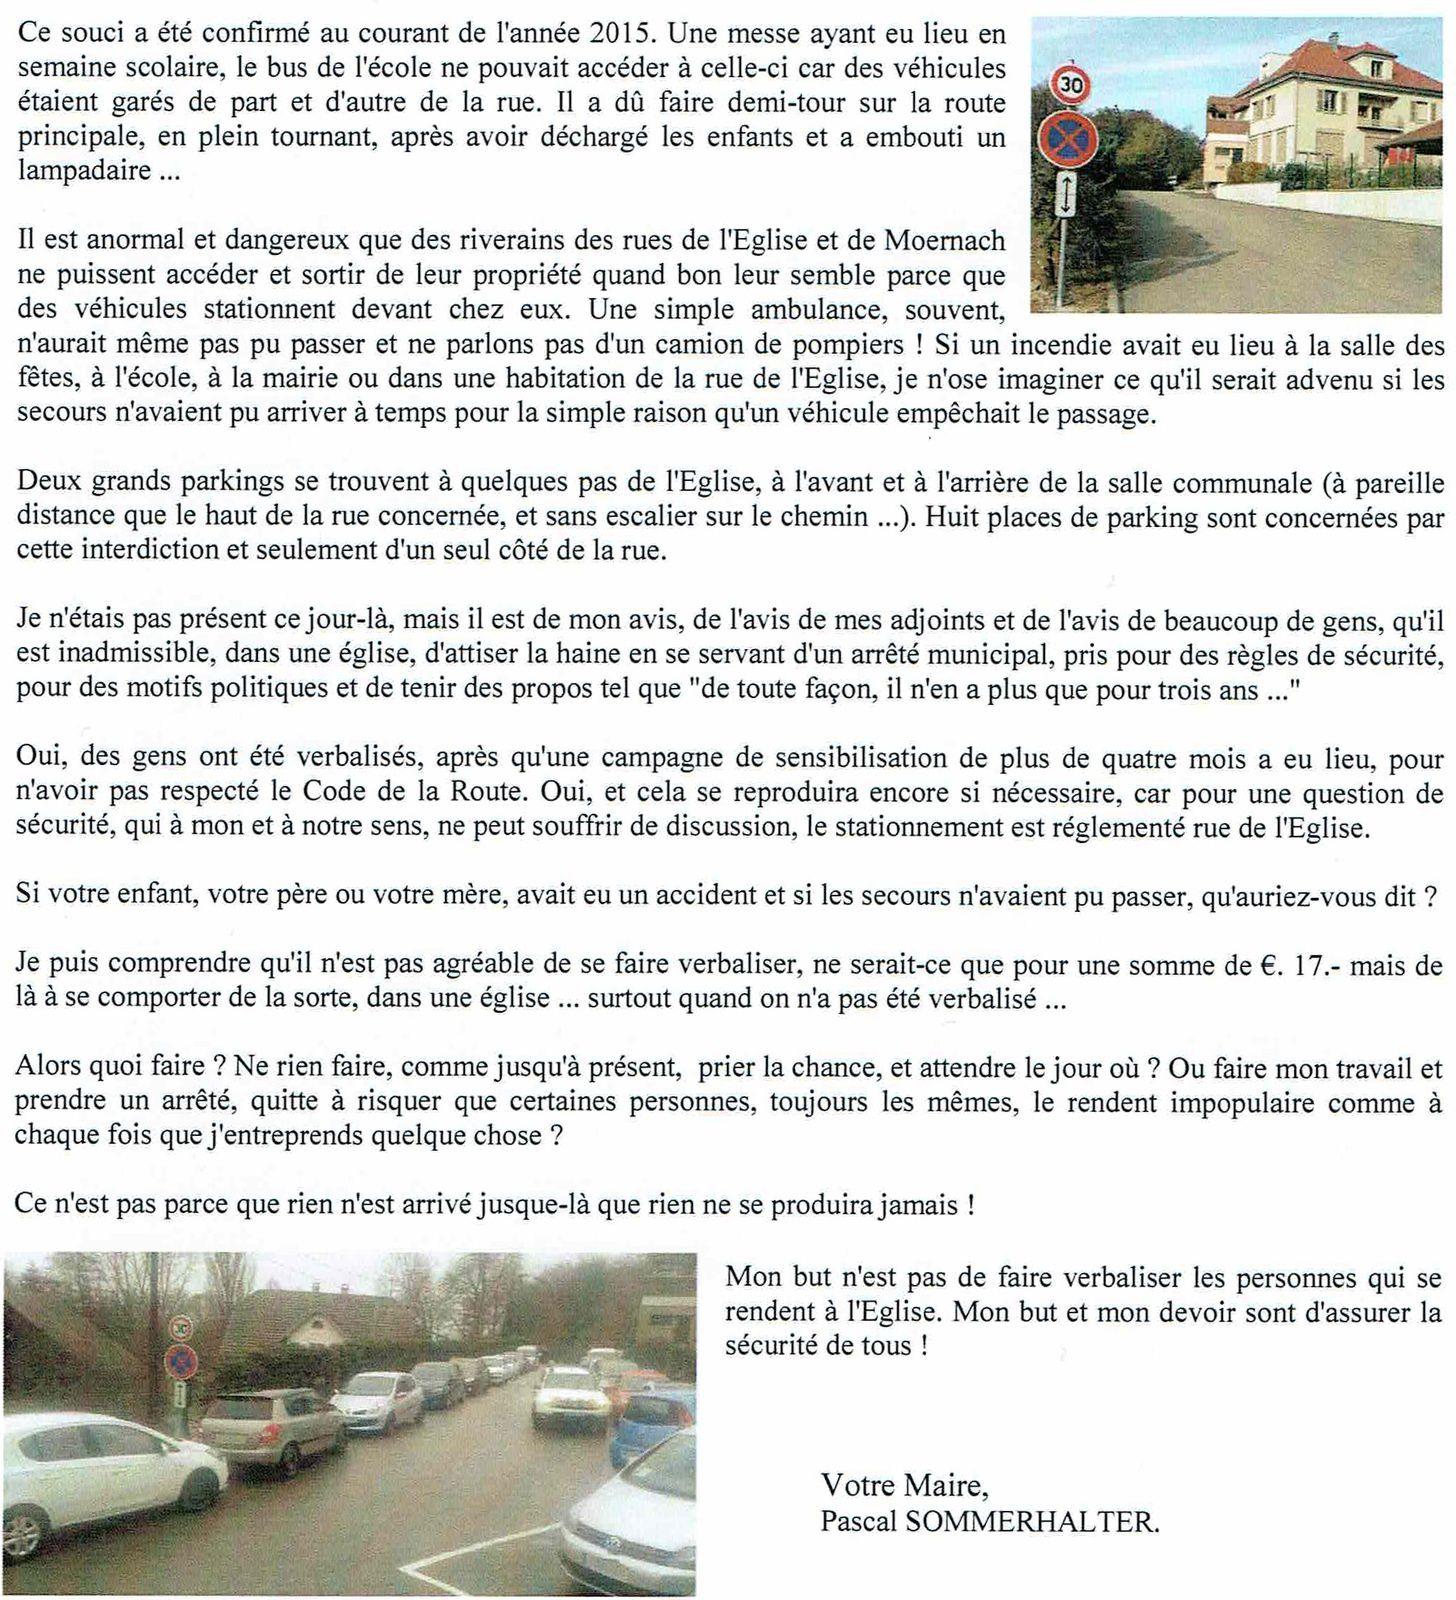 Communication du maire de Mooslargue (article publié dans la Lorgnette de Mooslargue N°32)